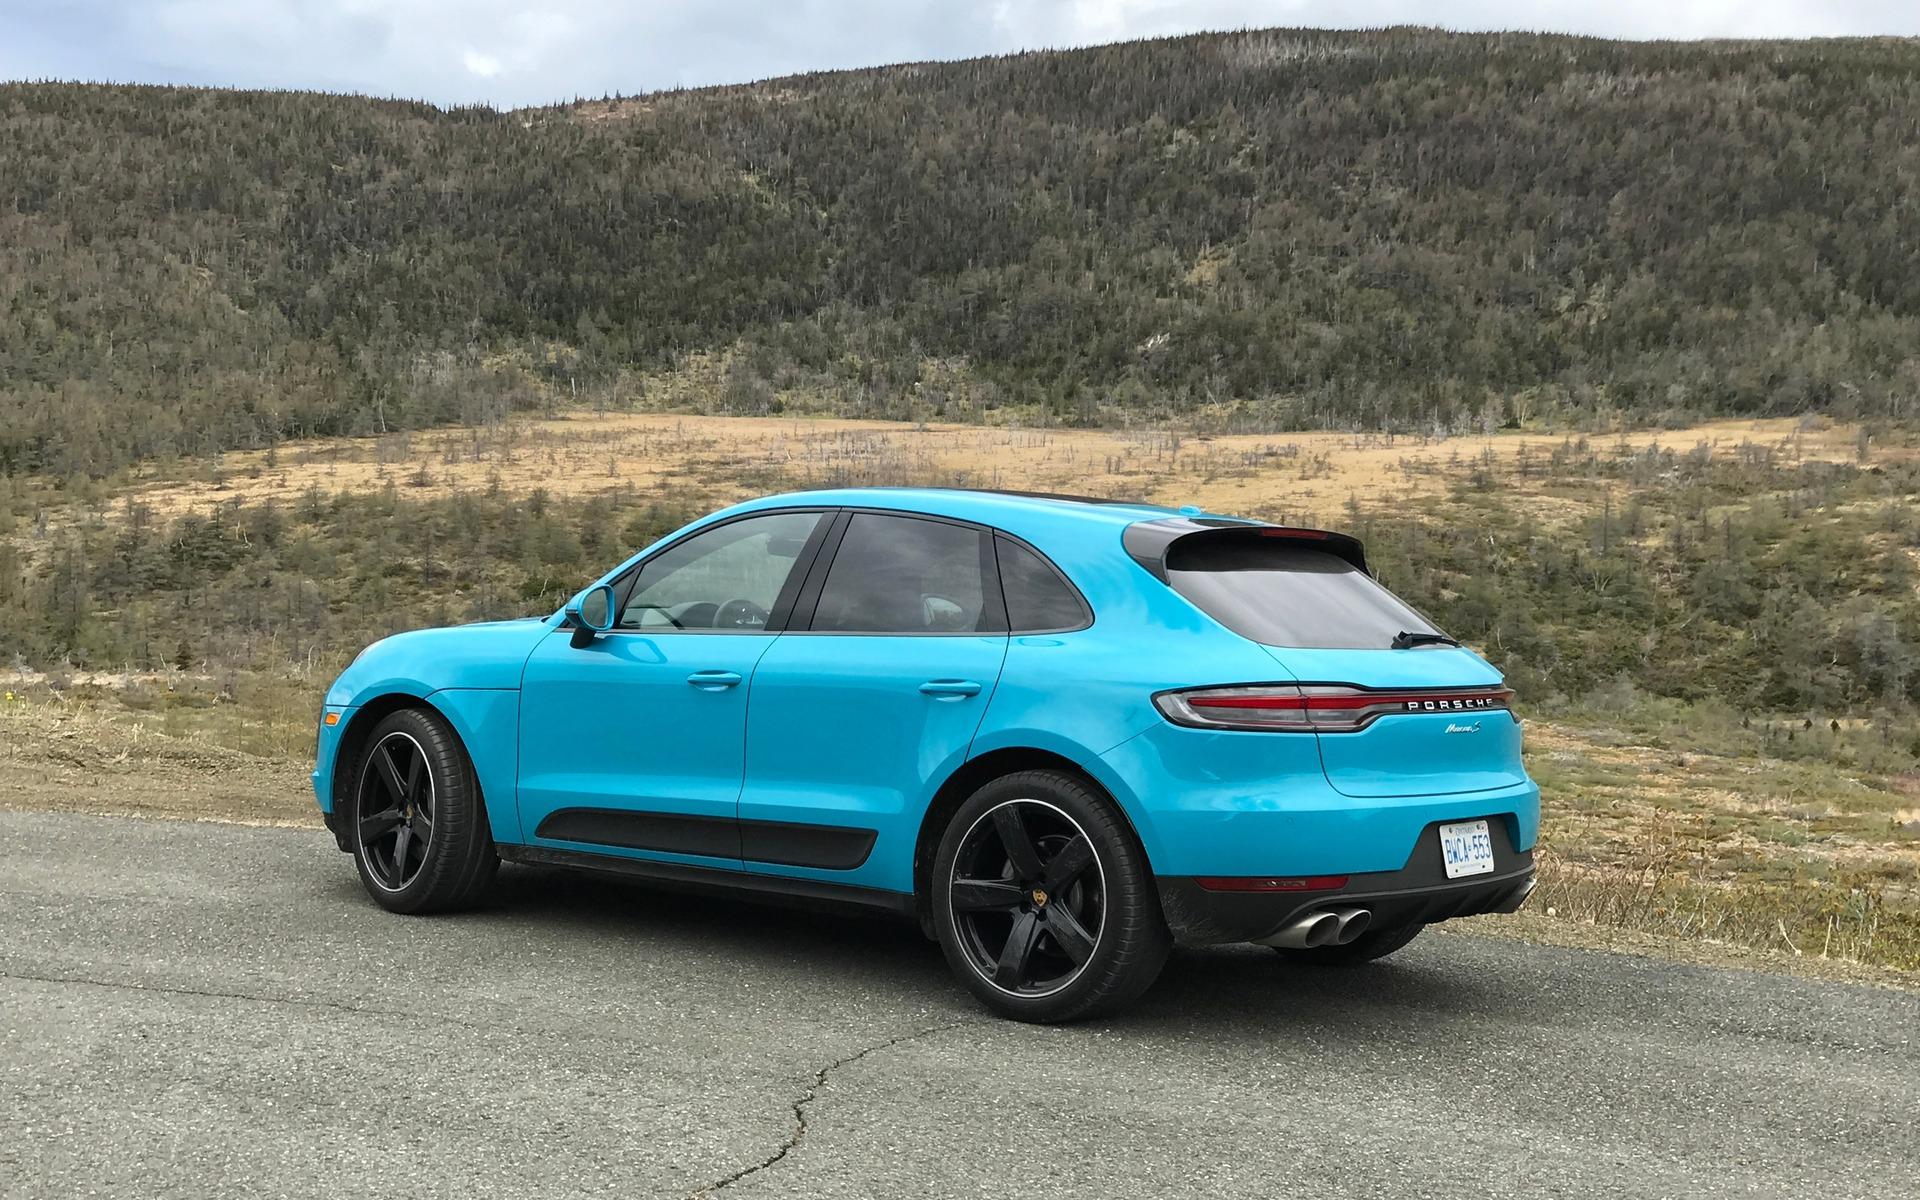 Porsche Macan 2019 : il y a plus abordable, mais certainement pas aussi accompli 380260_2020_Porsche_Macan